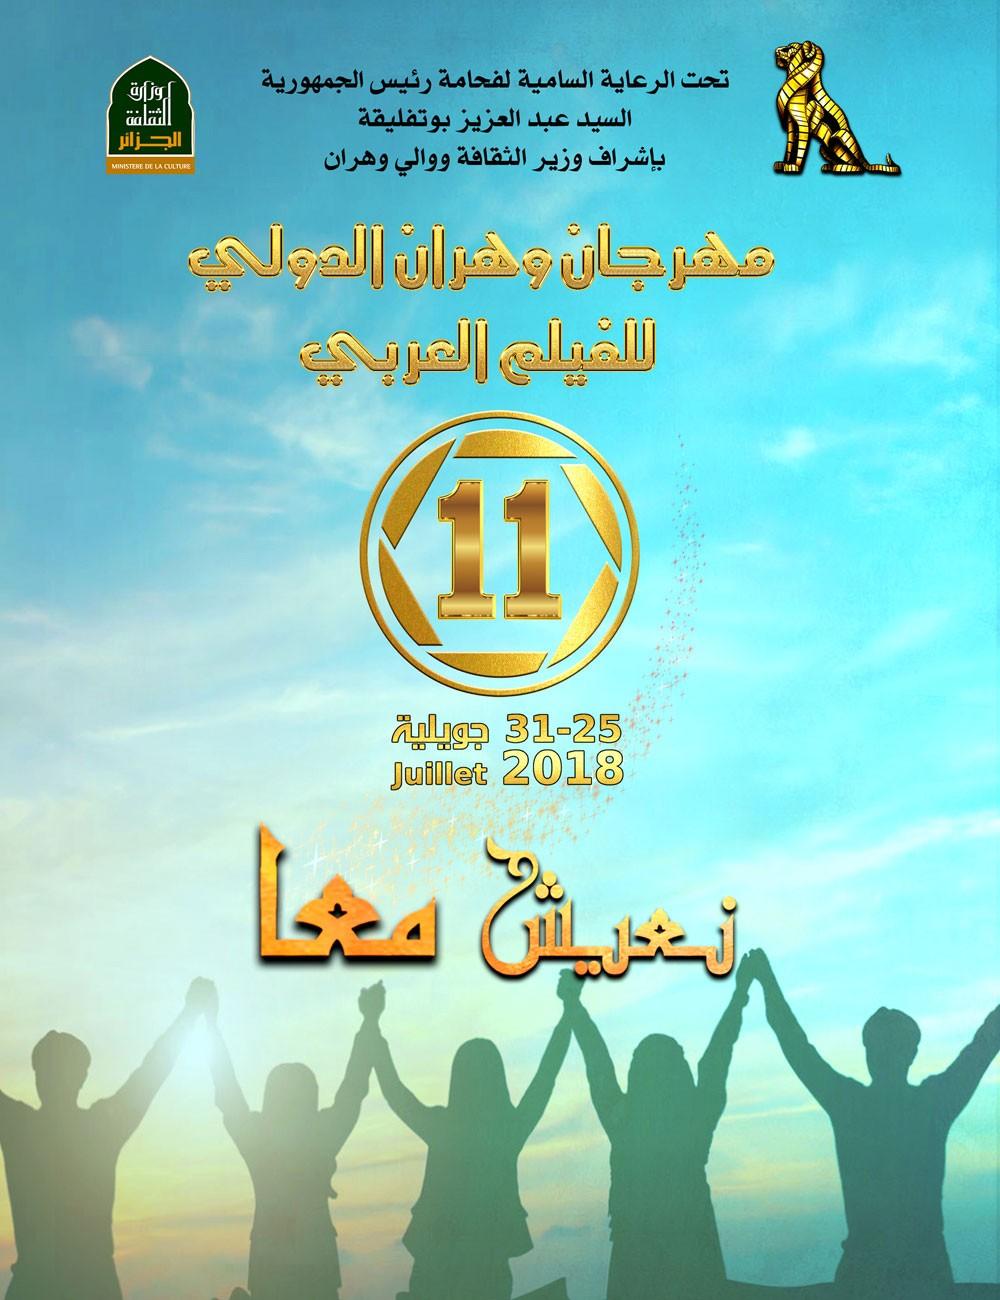 استعدادات الدورة الـ11 من مهرجان وهران الدولي للفيلم العربي